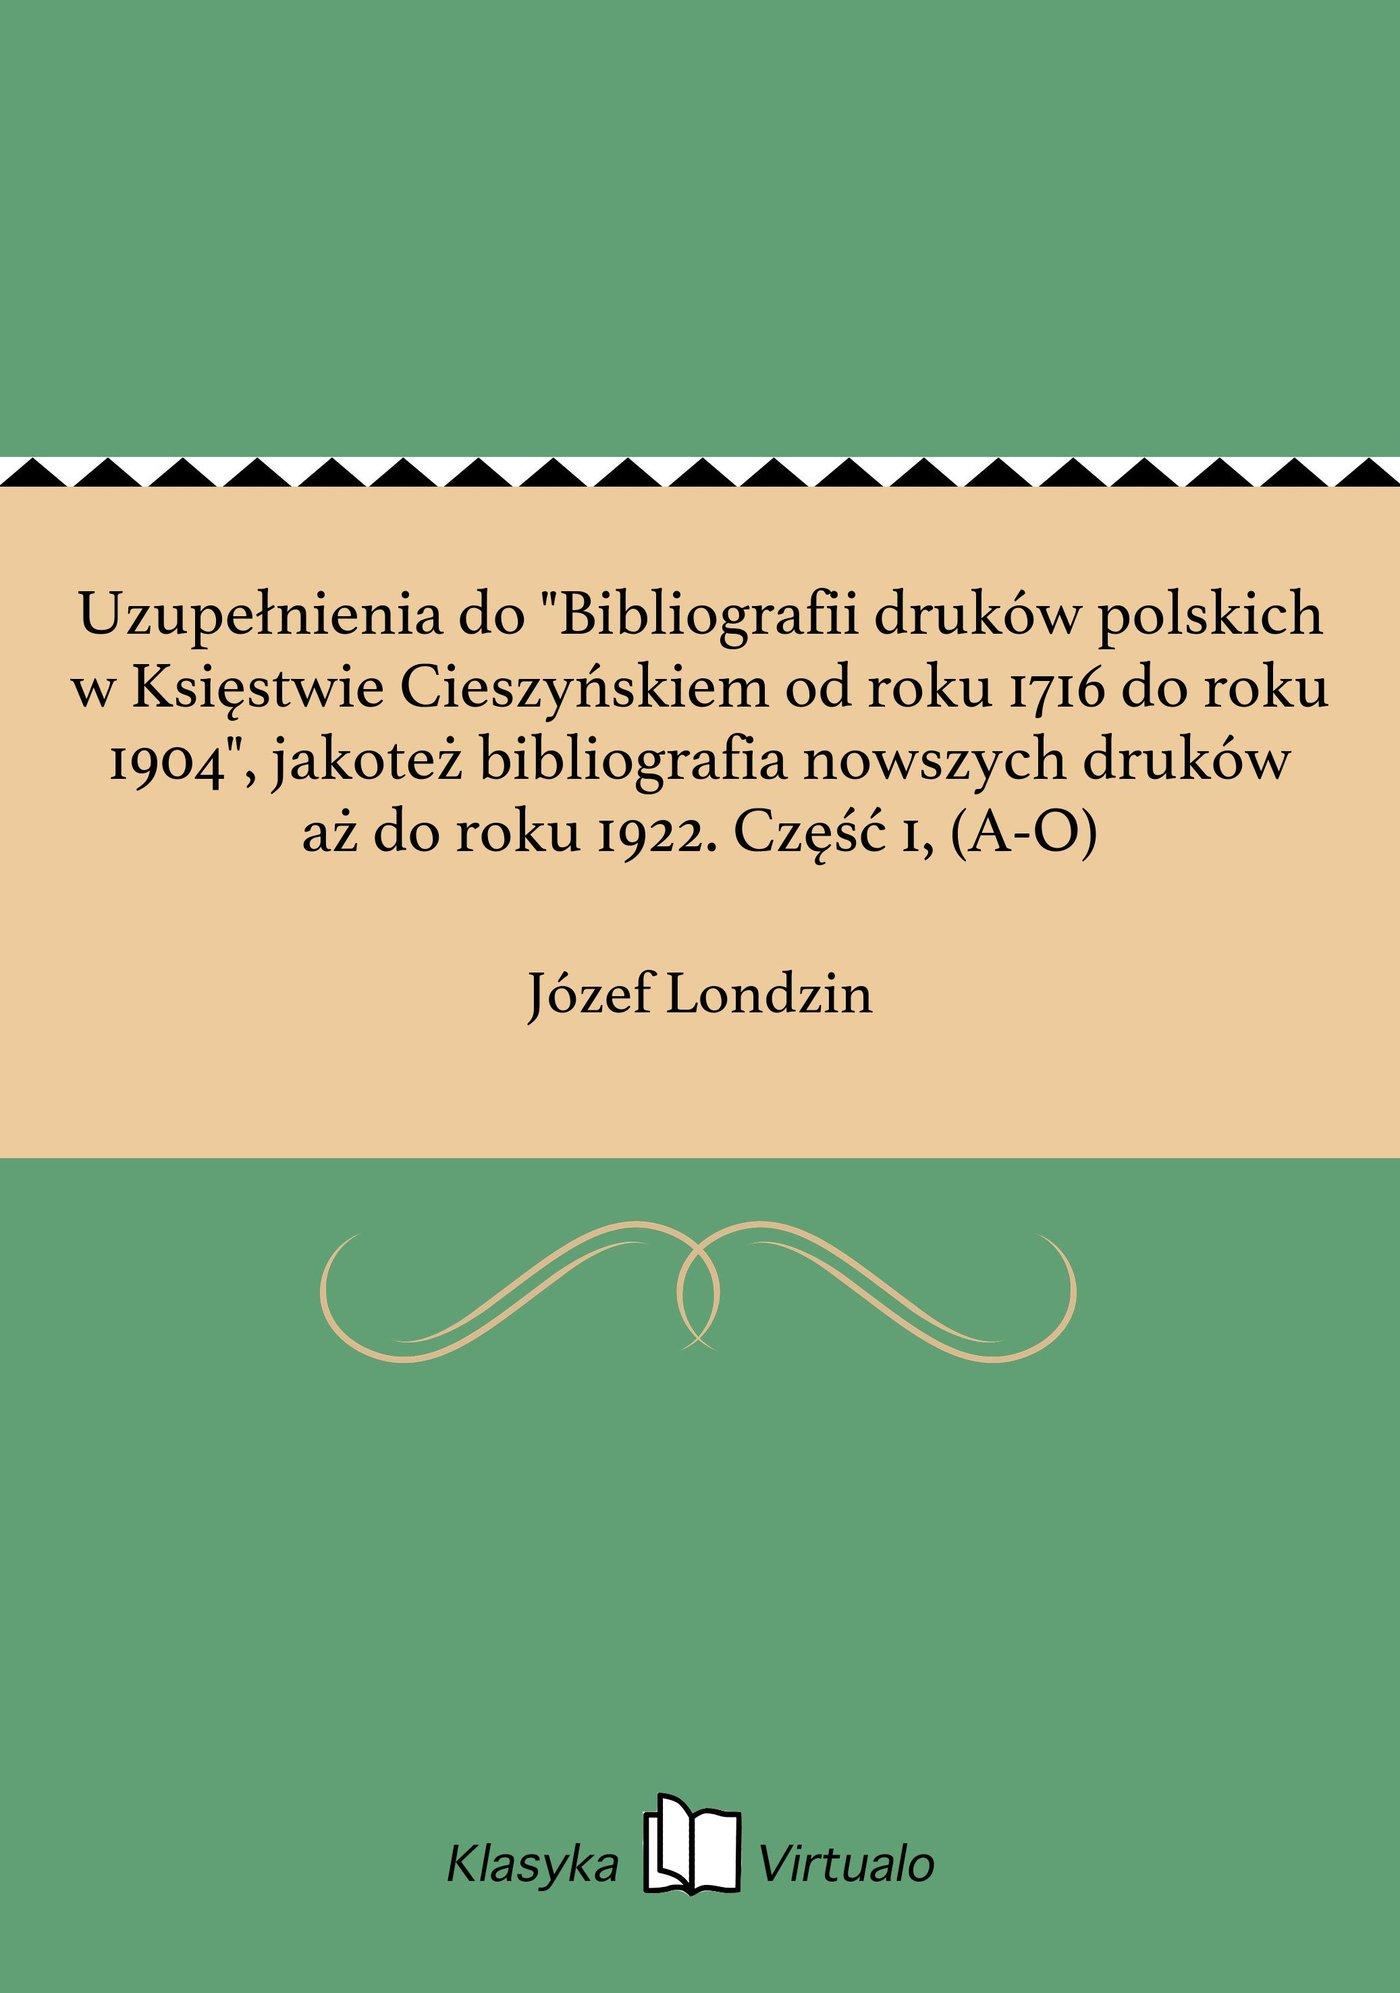 """Uzupełnienia do """"Bibliografii druków polskich w Księstwie Cieszyńskiem od roku 1716 do roku 1904"""", jakoteż bibliografia nowszych druków aż do roku 1922. Część 1, (A-O) - Ebook (Książka EPUB) do pobrania w formacie EPUB"""